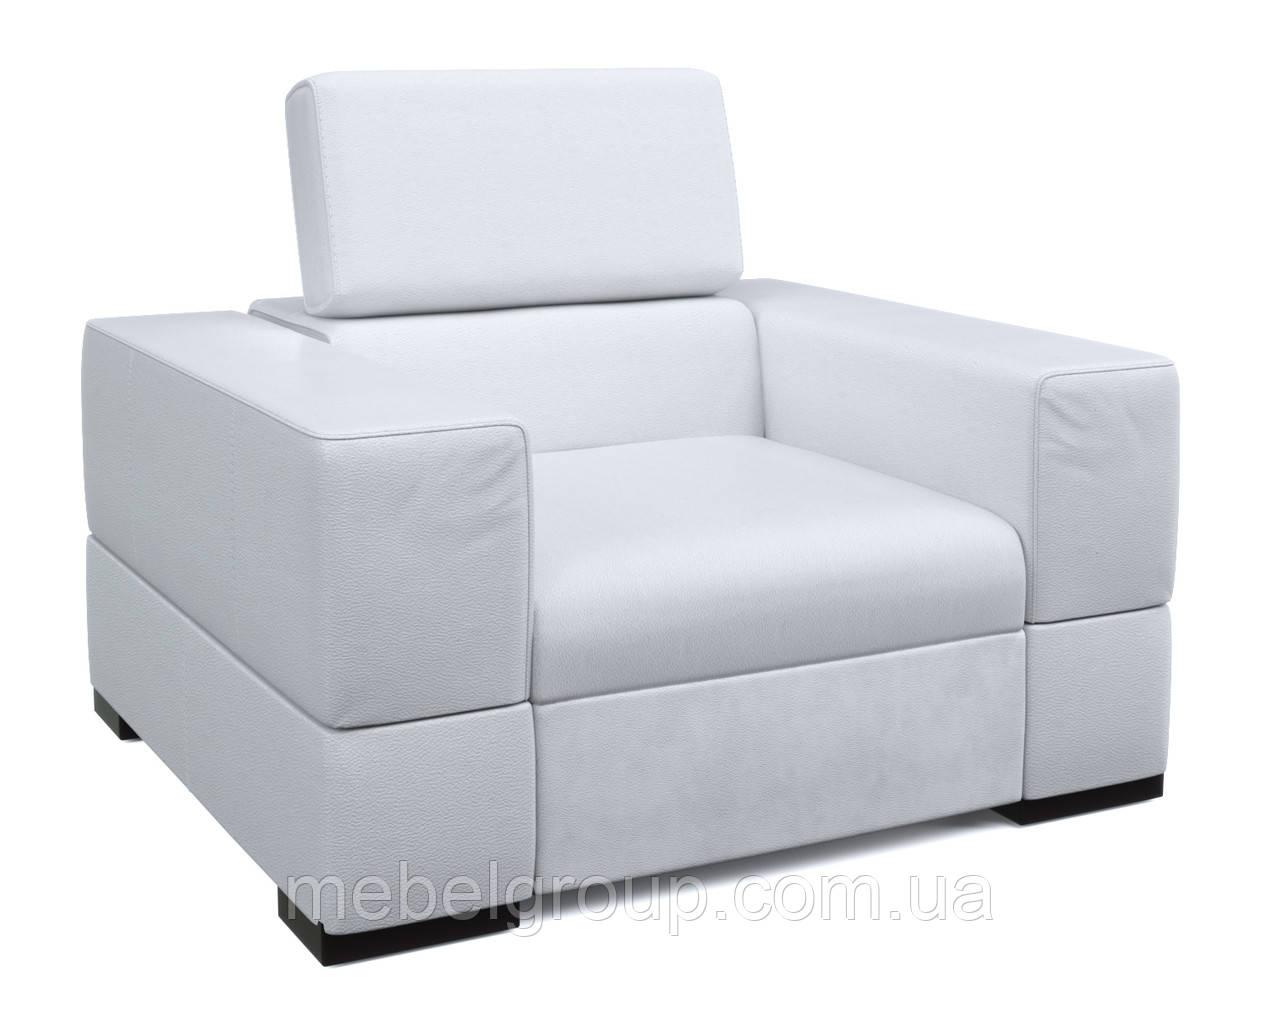 Крісло Статус 115*103 див.